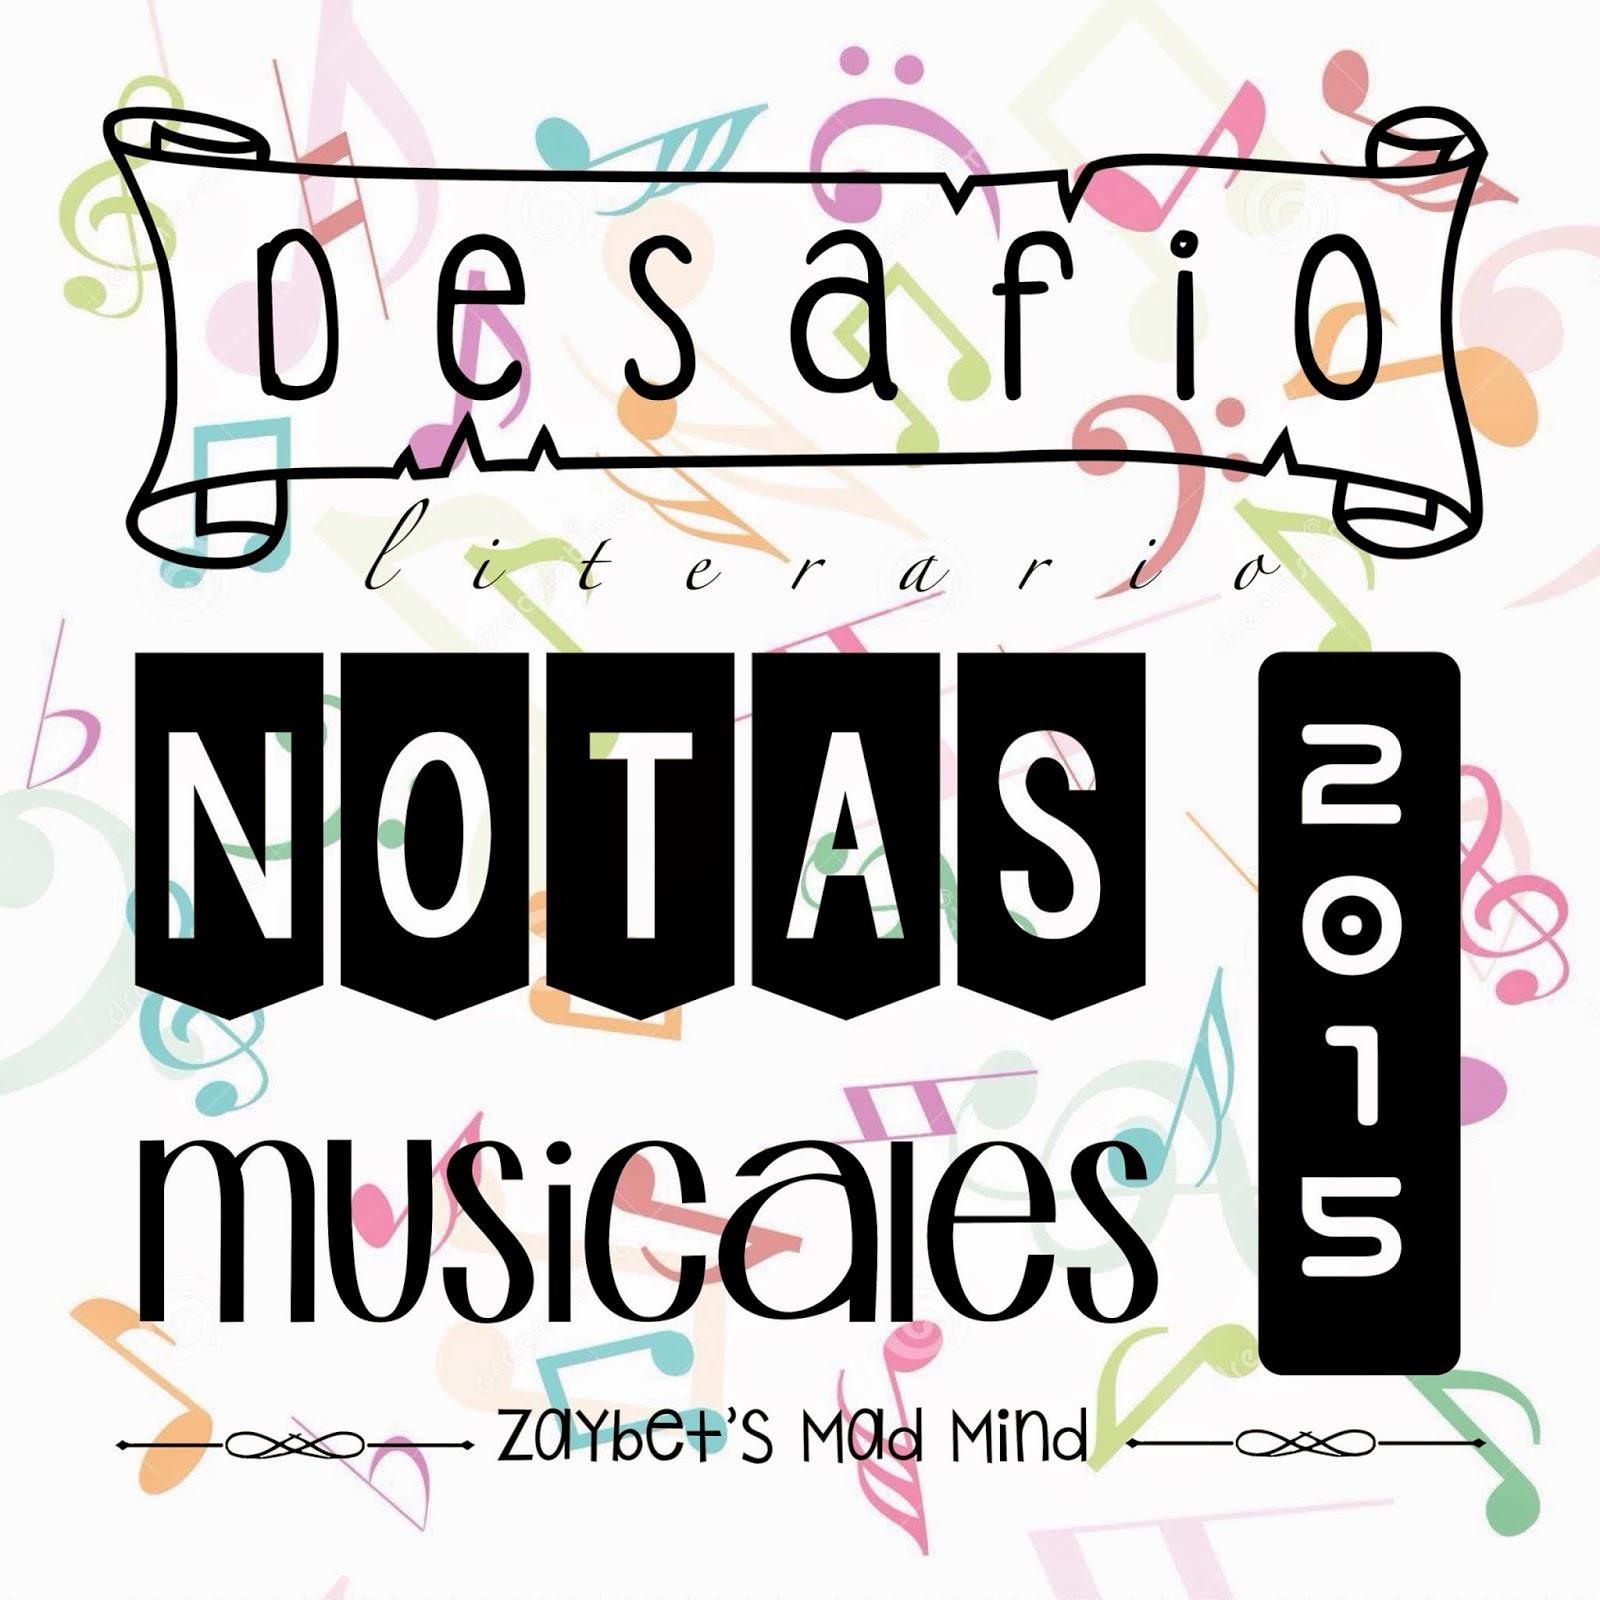 http://zaybet.blogspot.mx/2014/12/desafio-2015-notas-musicales-con-zsmm.html